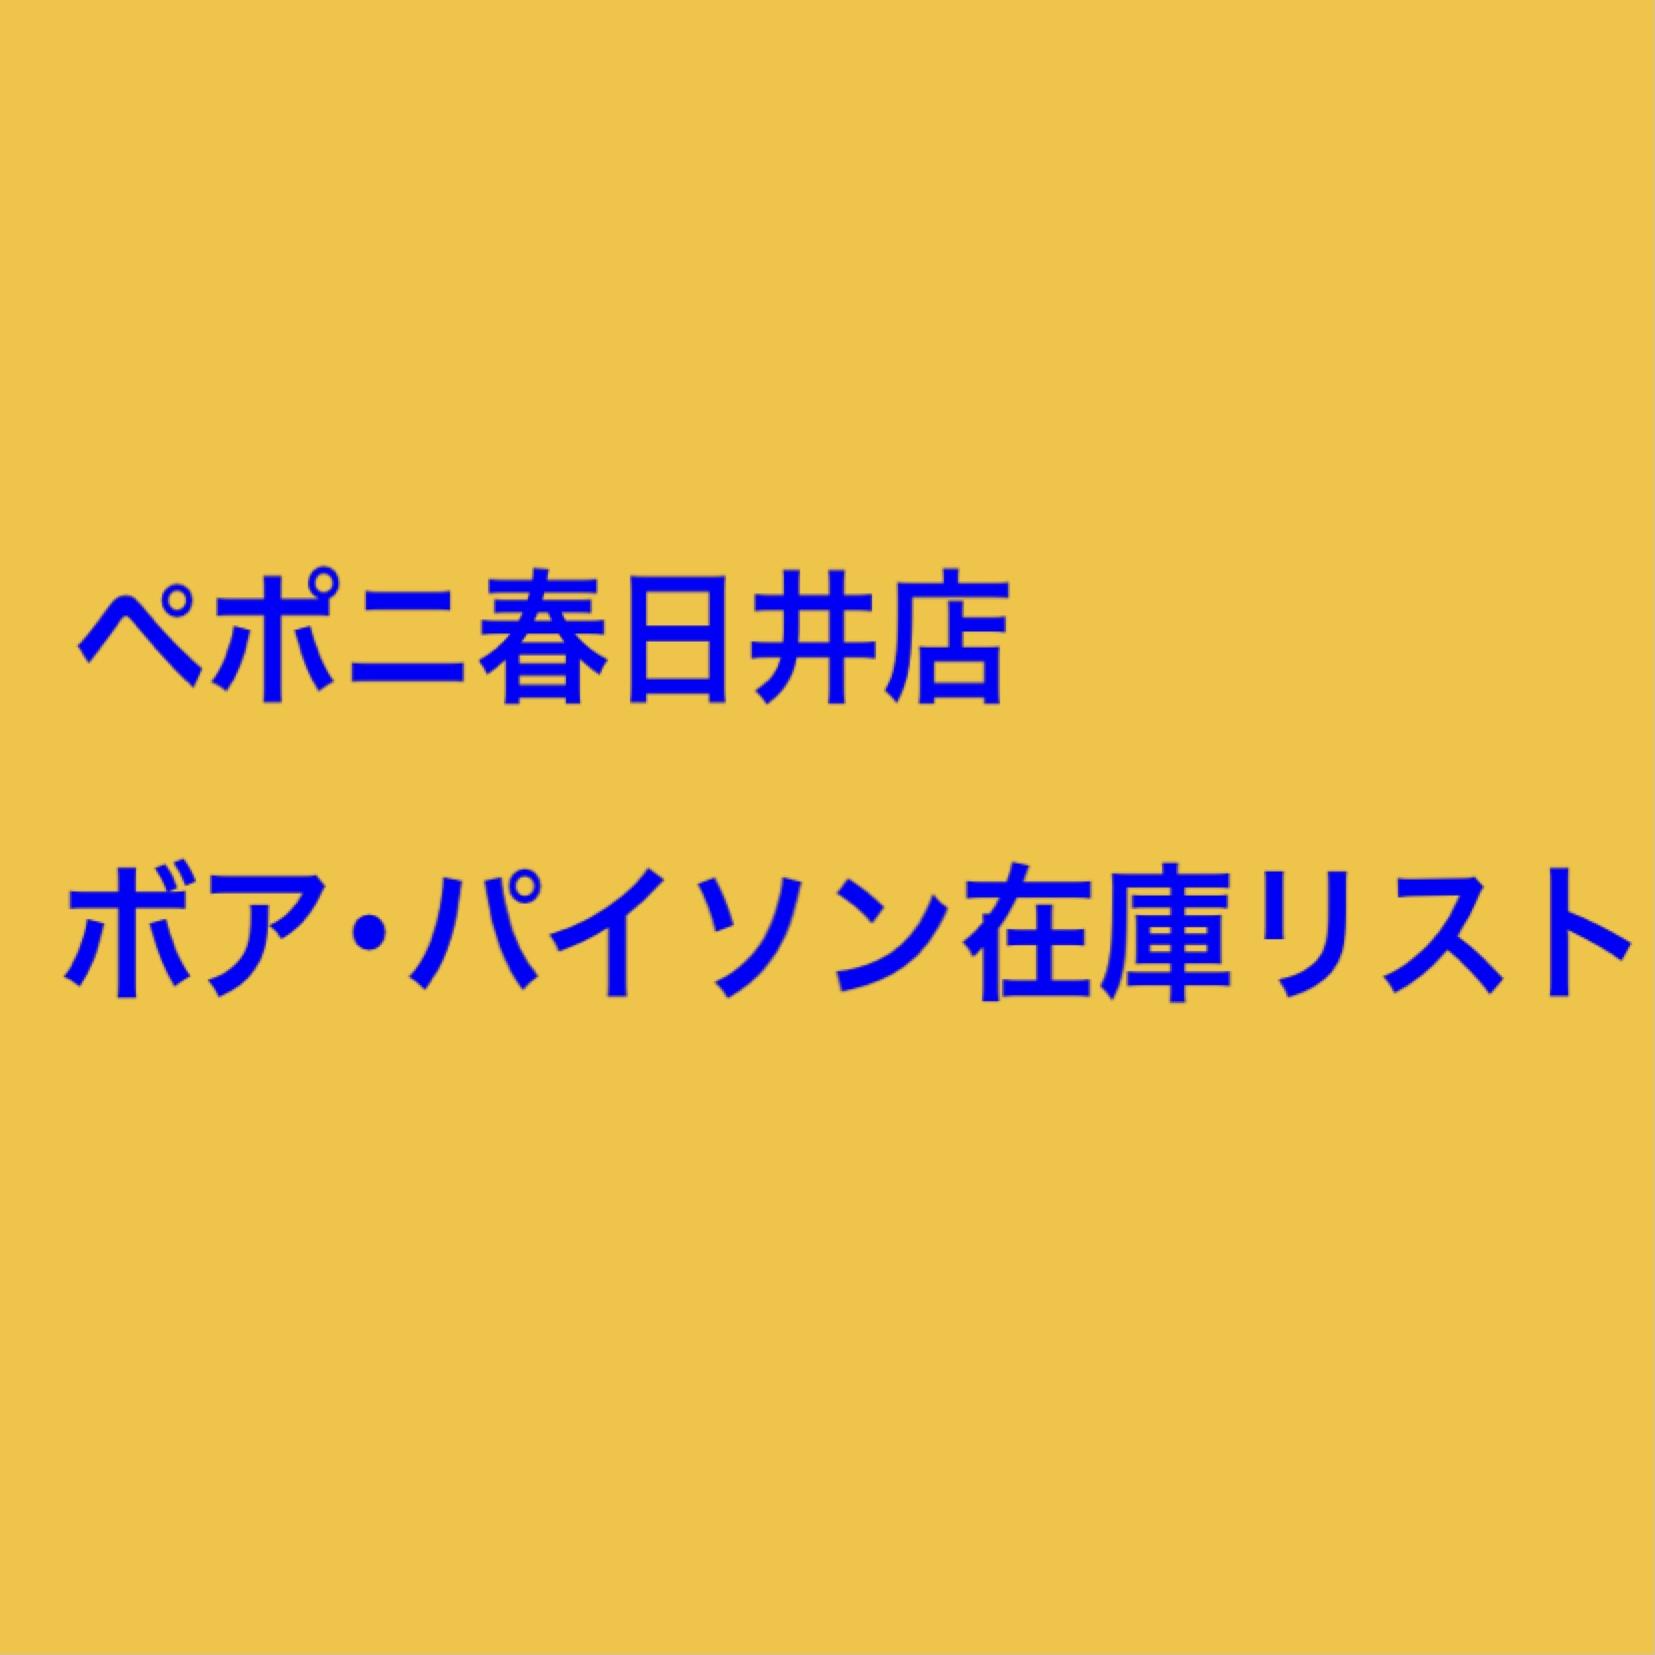 【春ペポニ】店内在庫リスト(ボア・パイソン編)